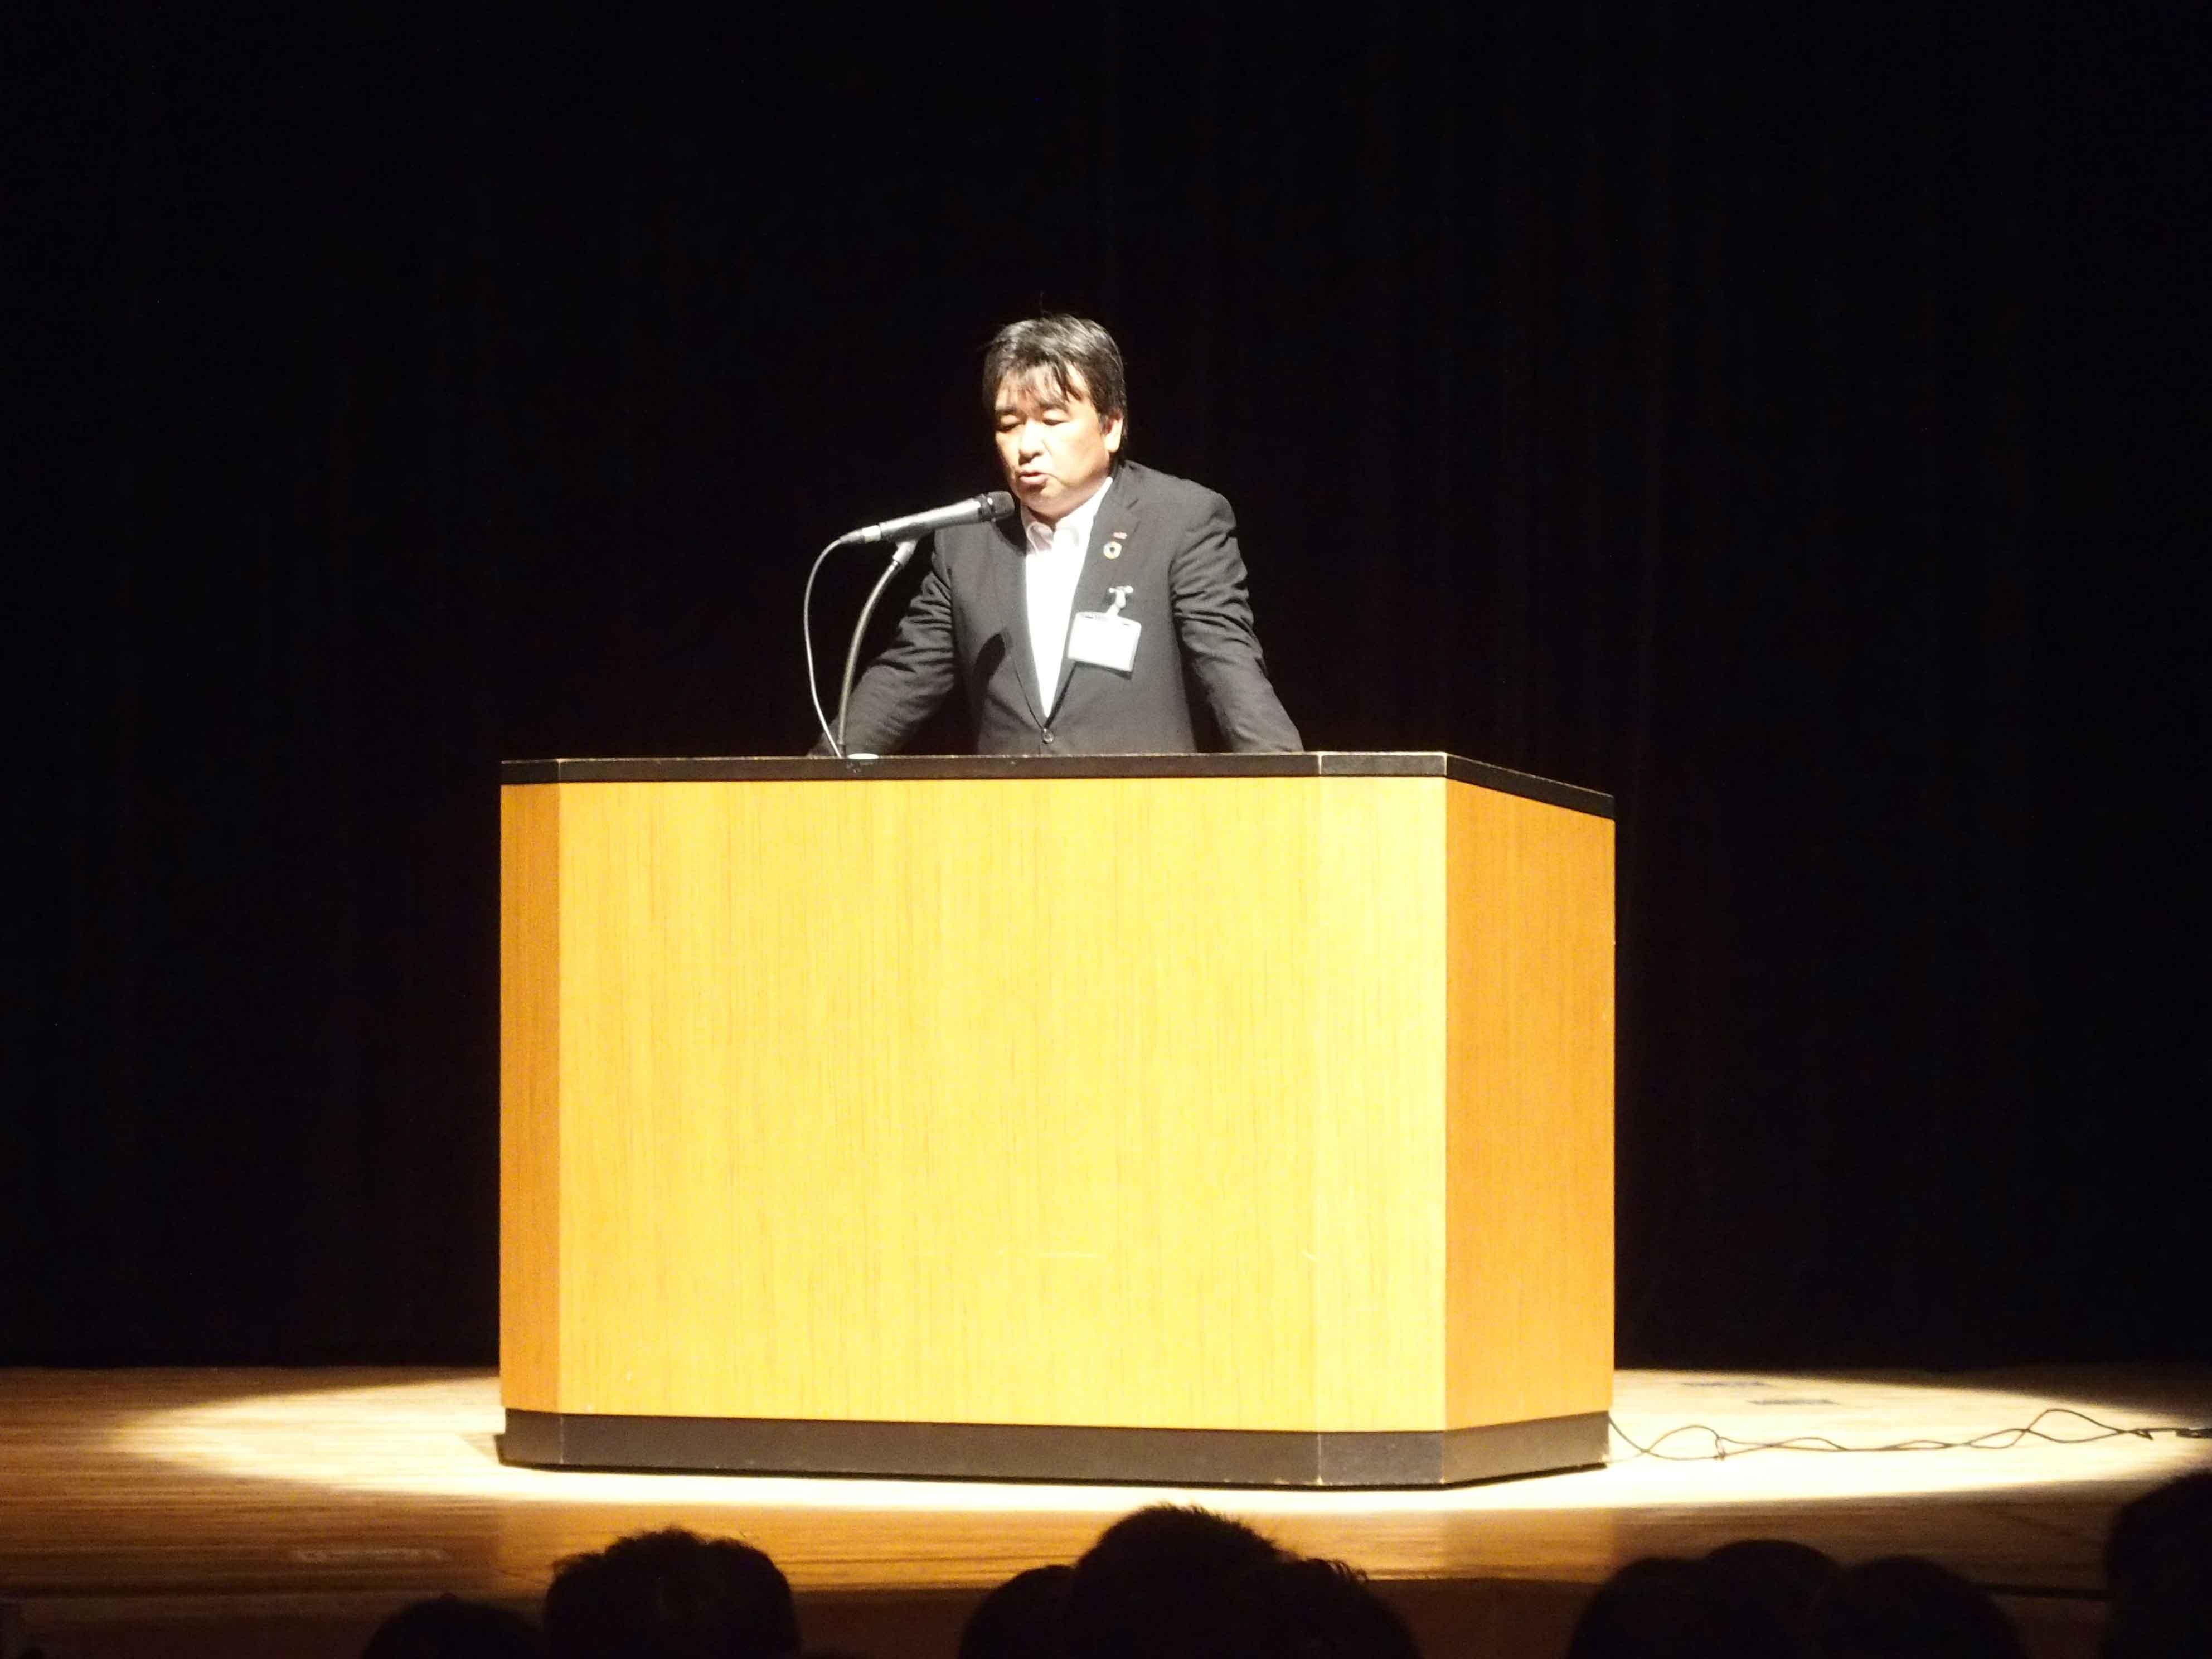 開会の挨拶を行うビルシステムカンパニー社長<br>濱田和康